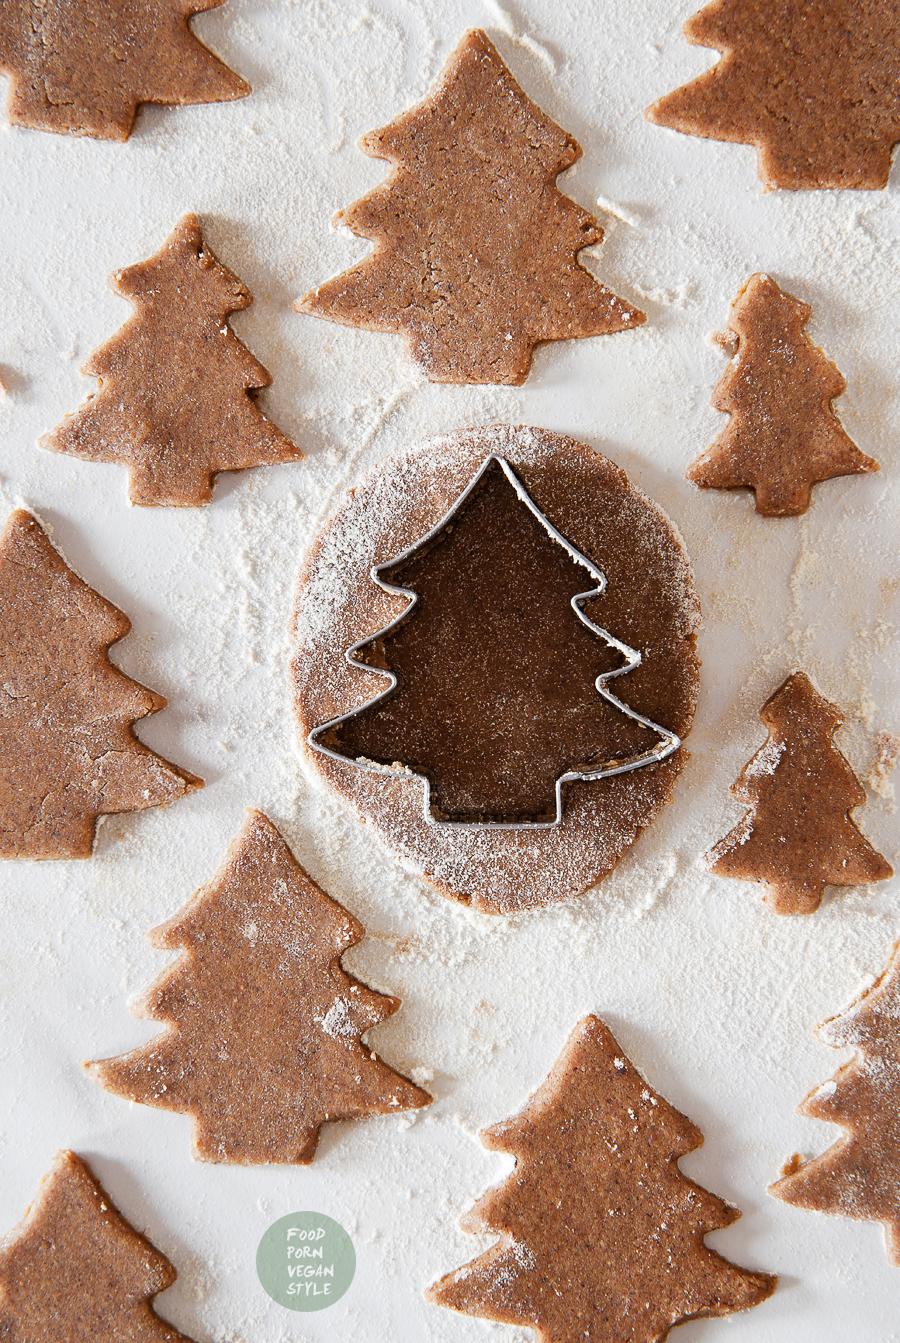 Gluten-free & vegan gingerbread cookies